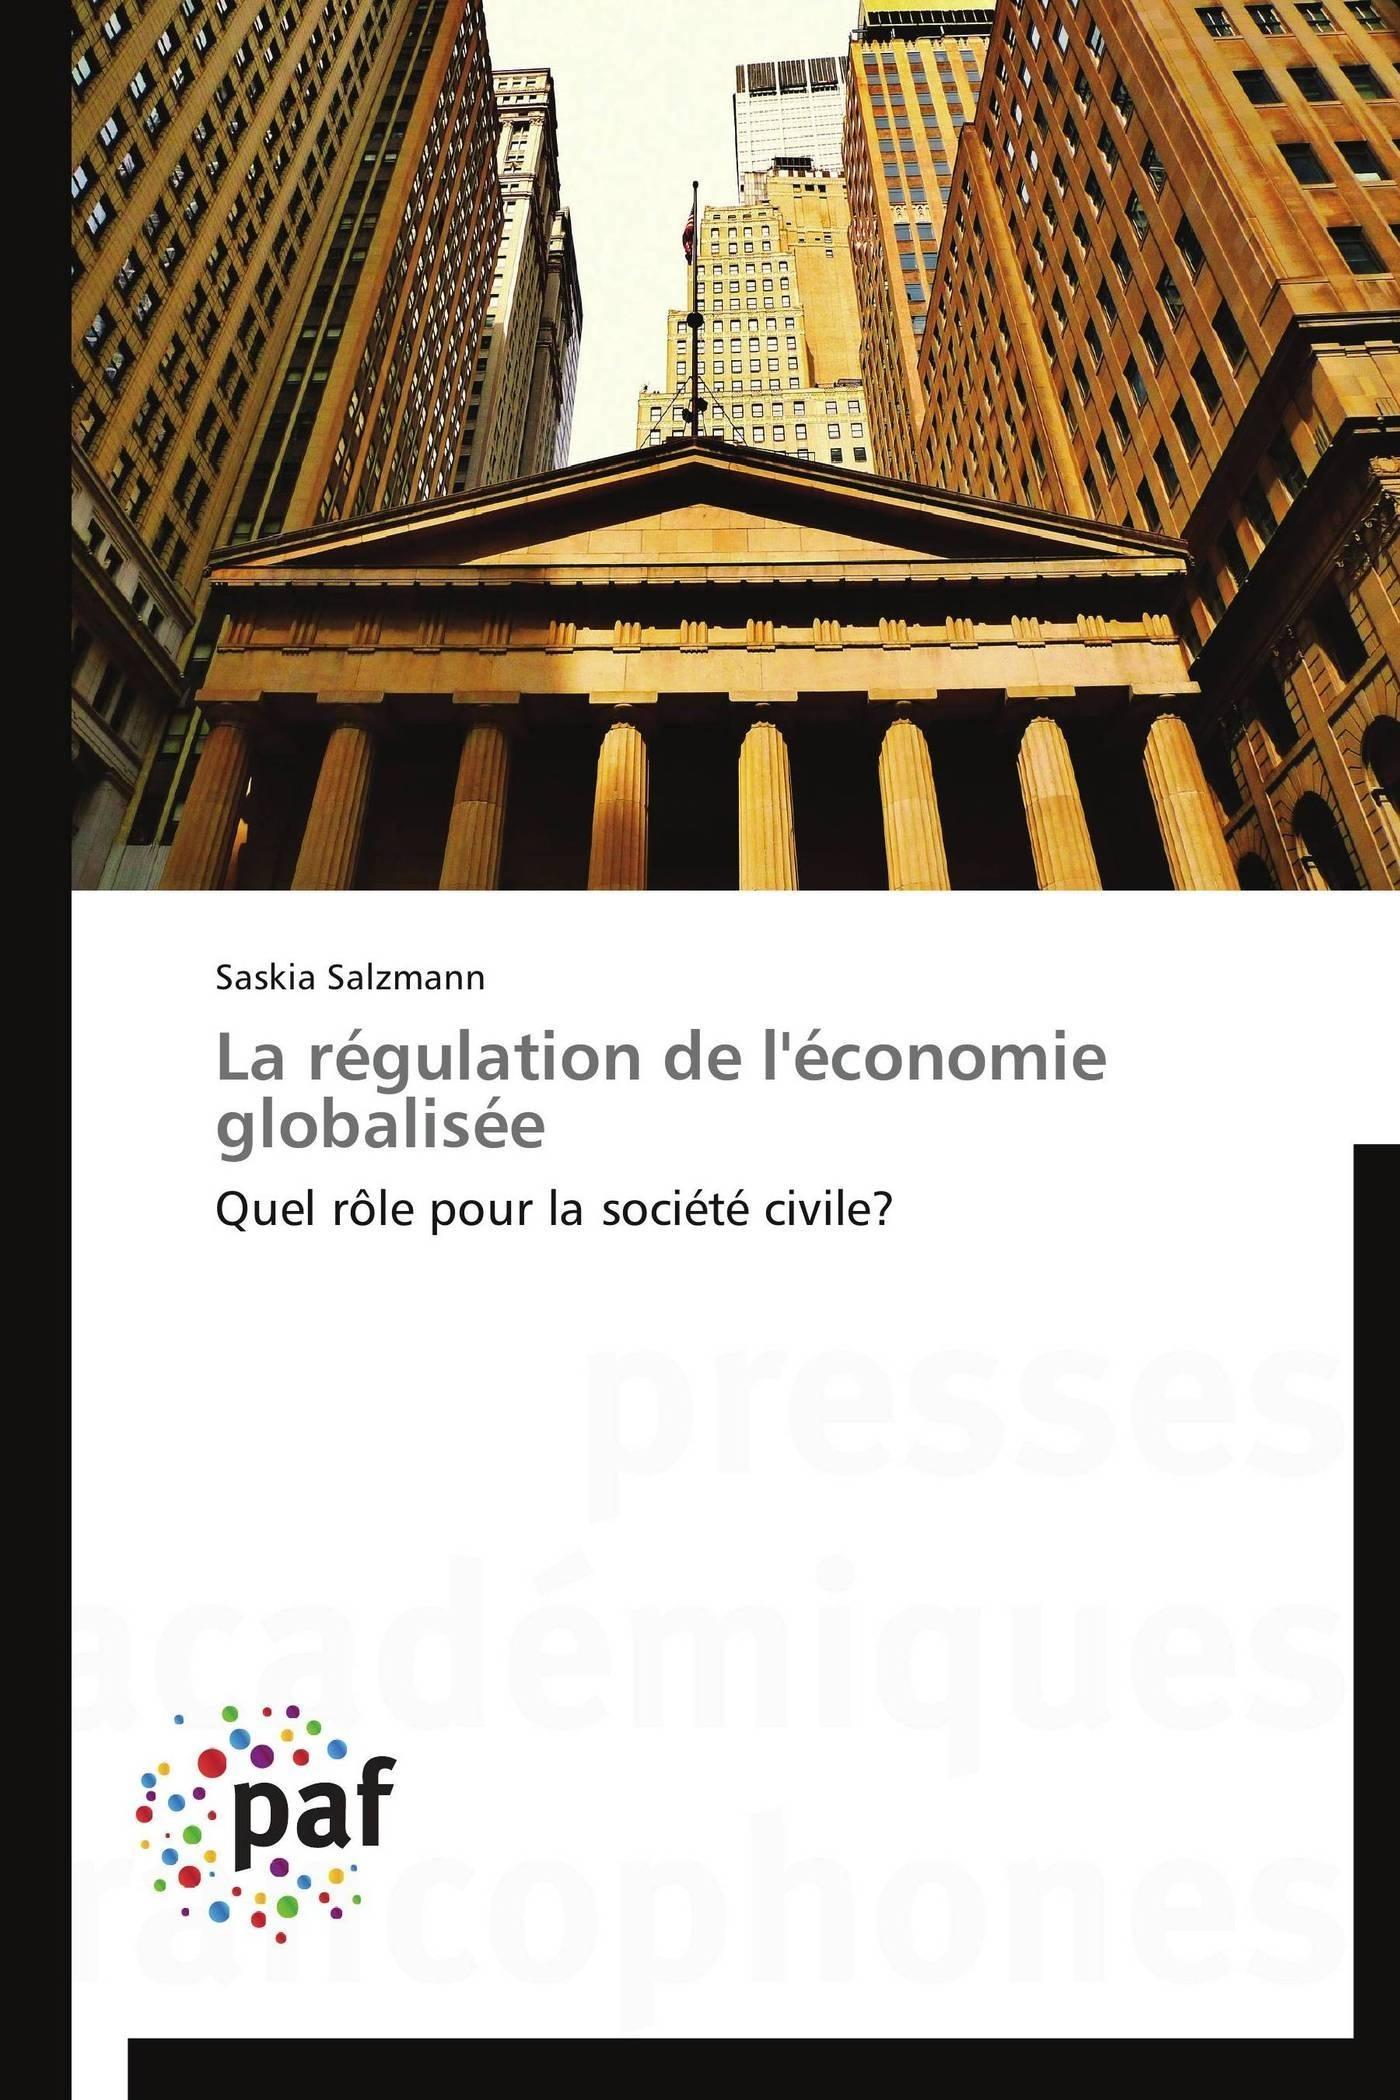 LA REGULATION DE L'ECONOMIE GLOBALISEE